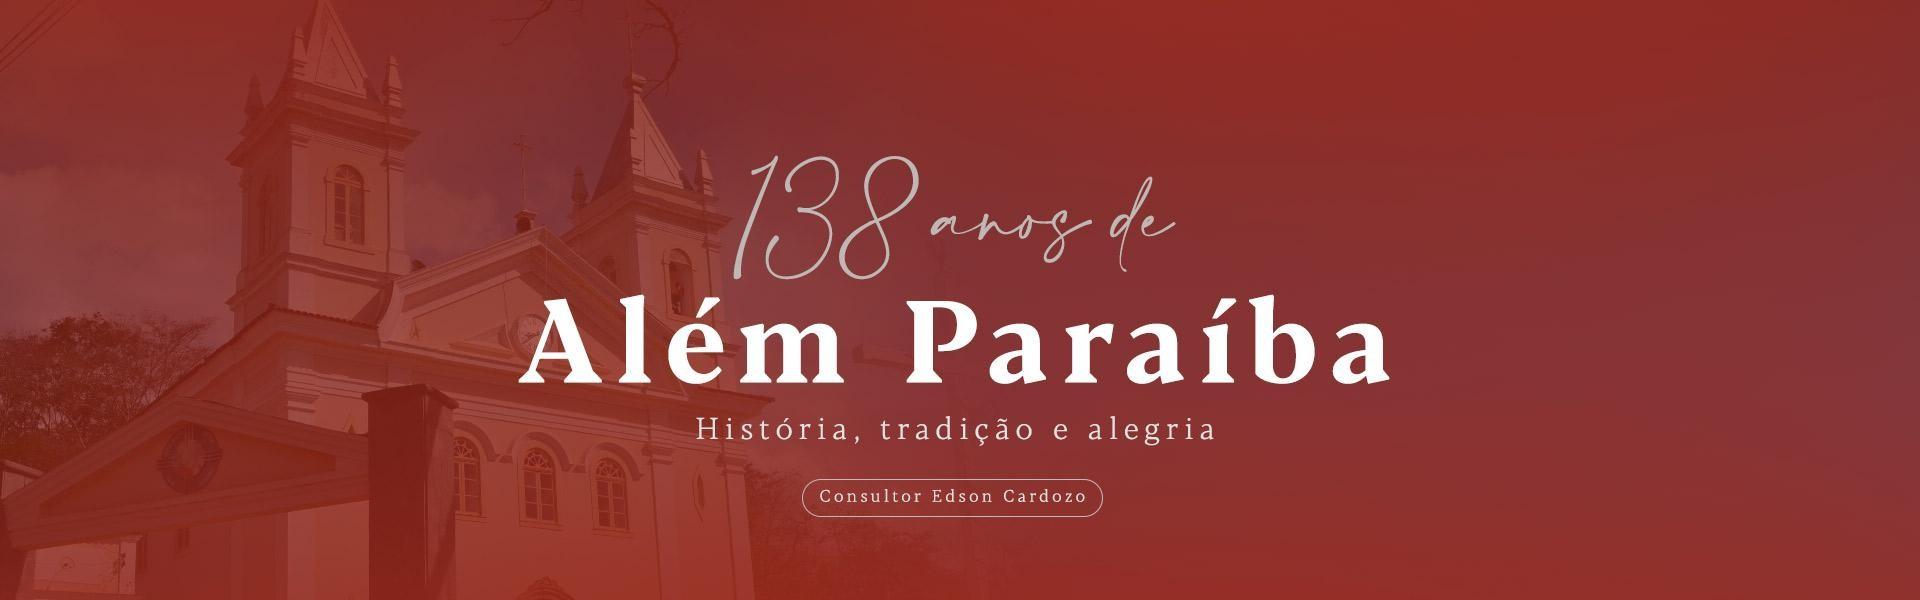 Aniversário de Além Paraíba